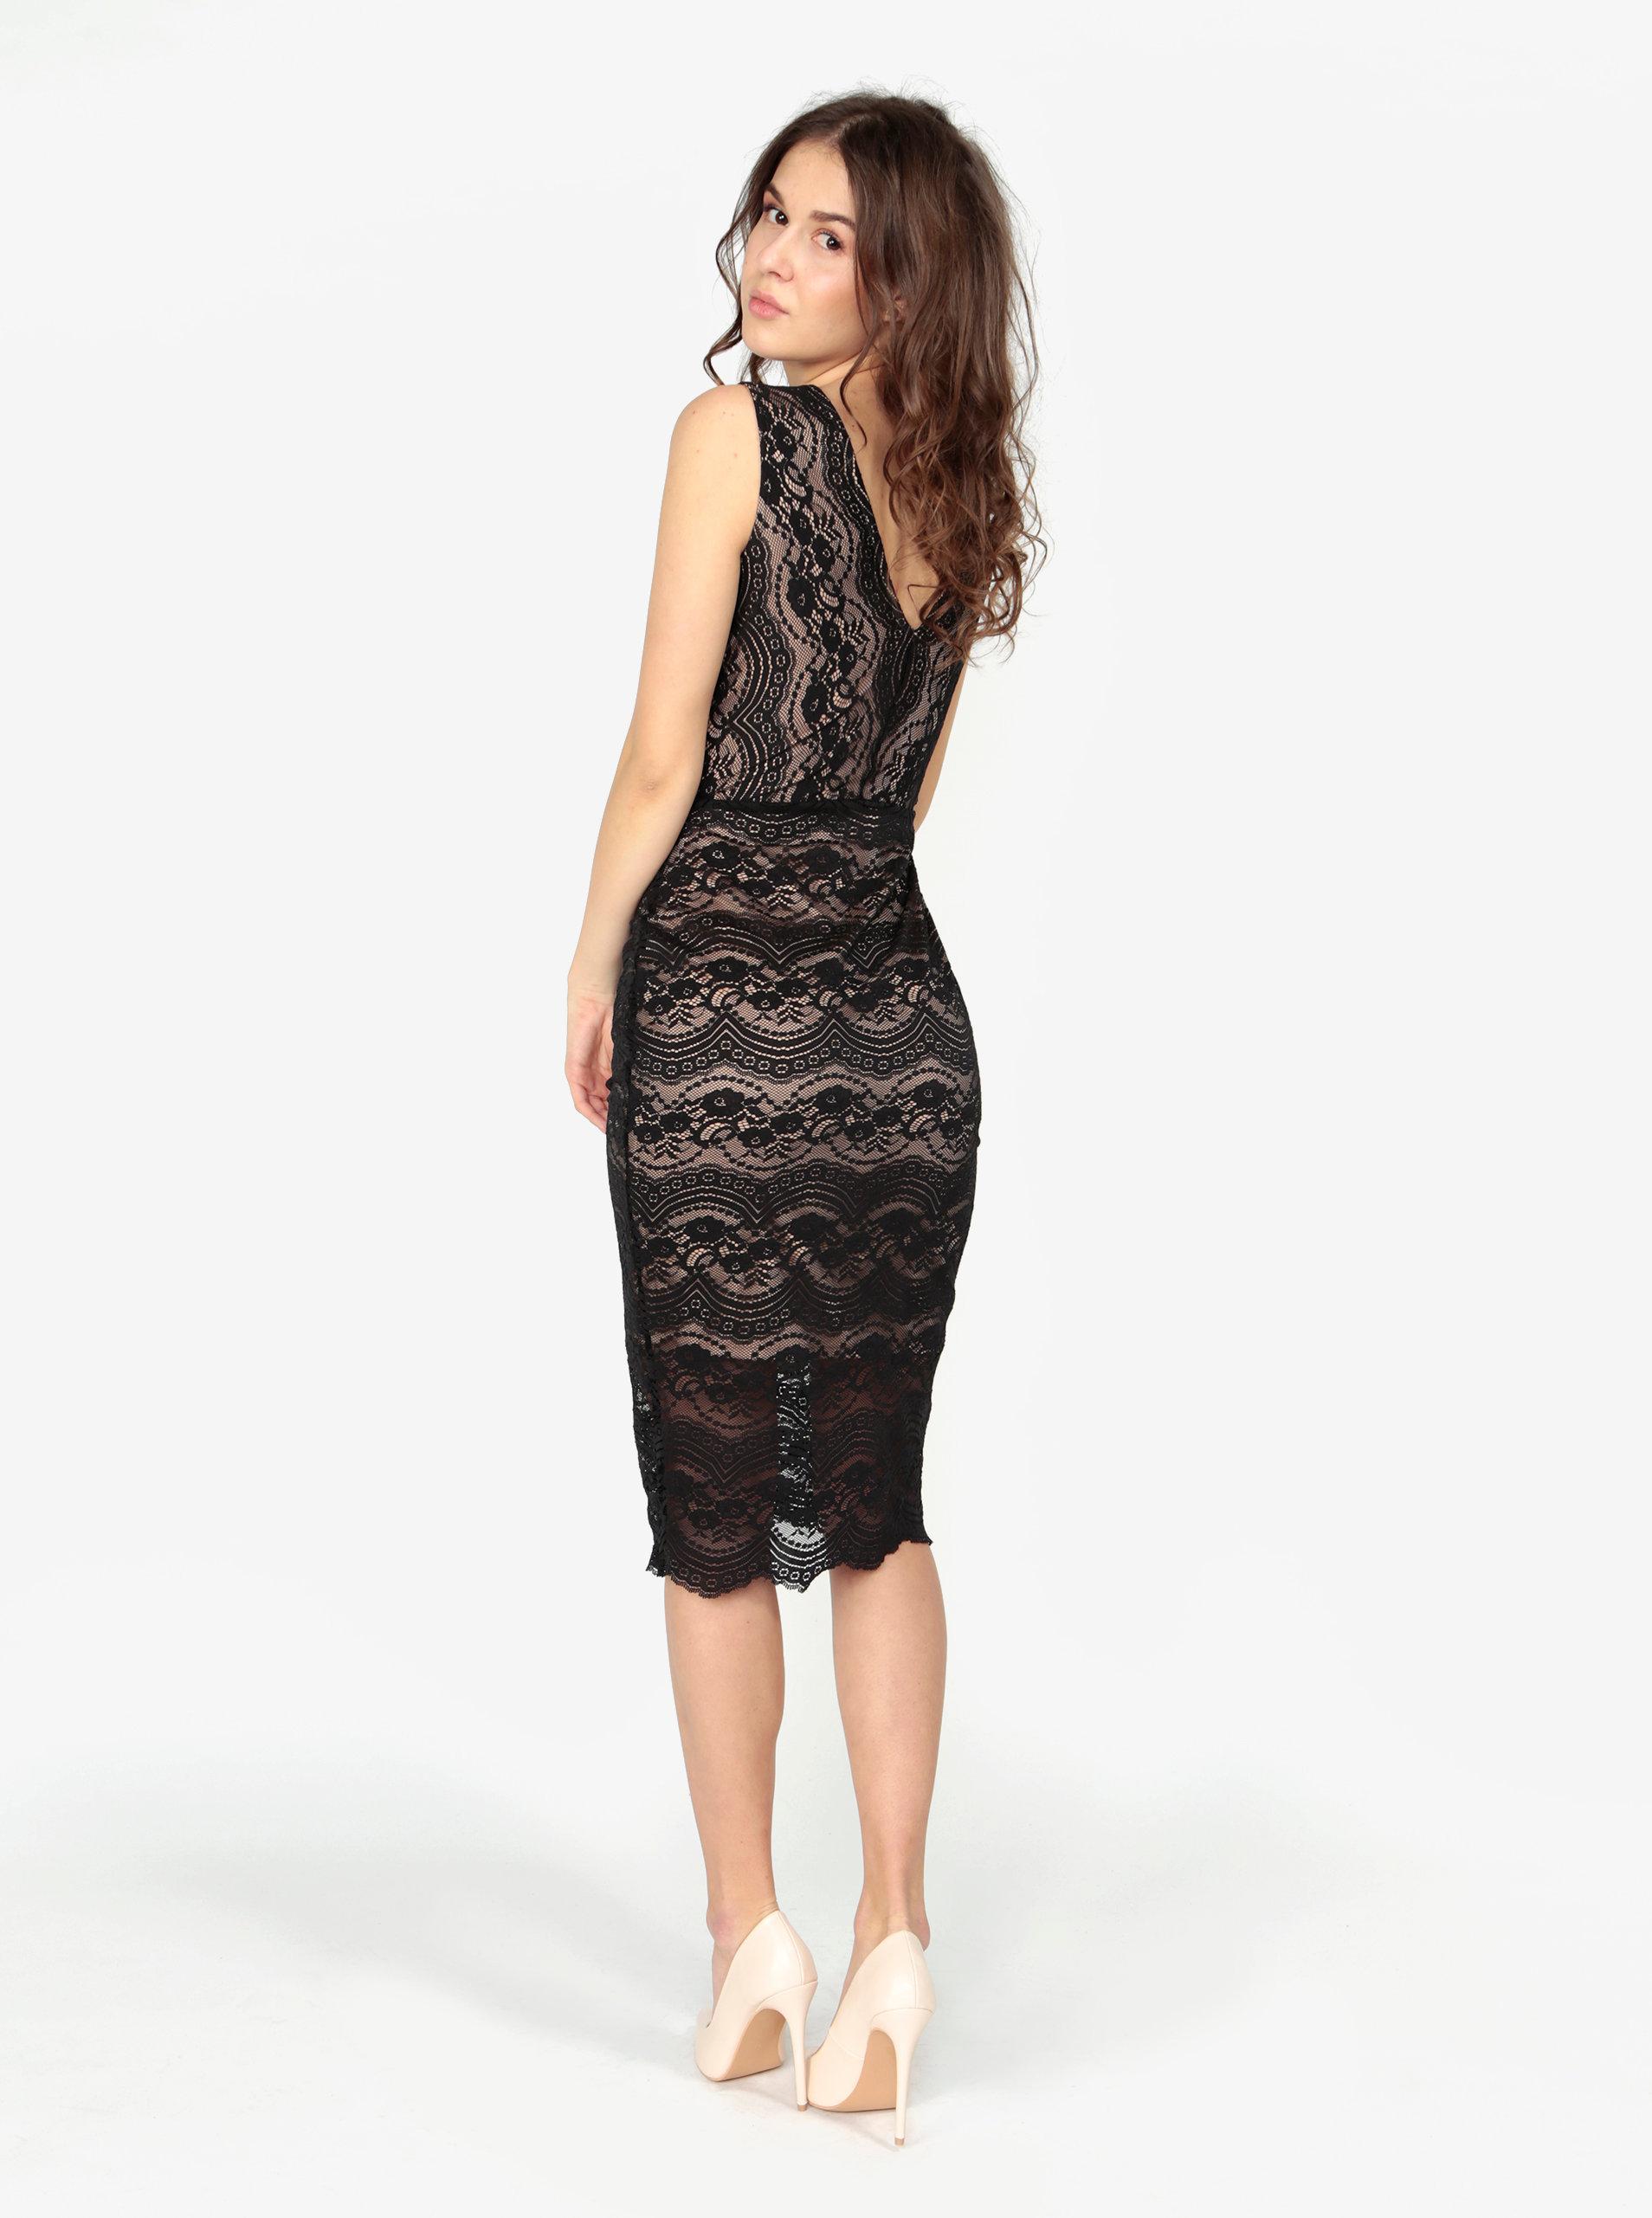 Béžovo-černé pouzdrové krajkové šaty Oasis Sexy ... 28a0dedda1